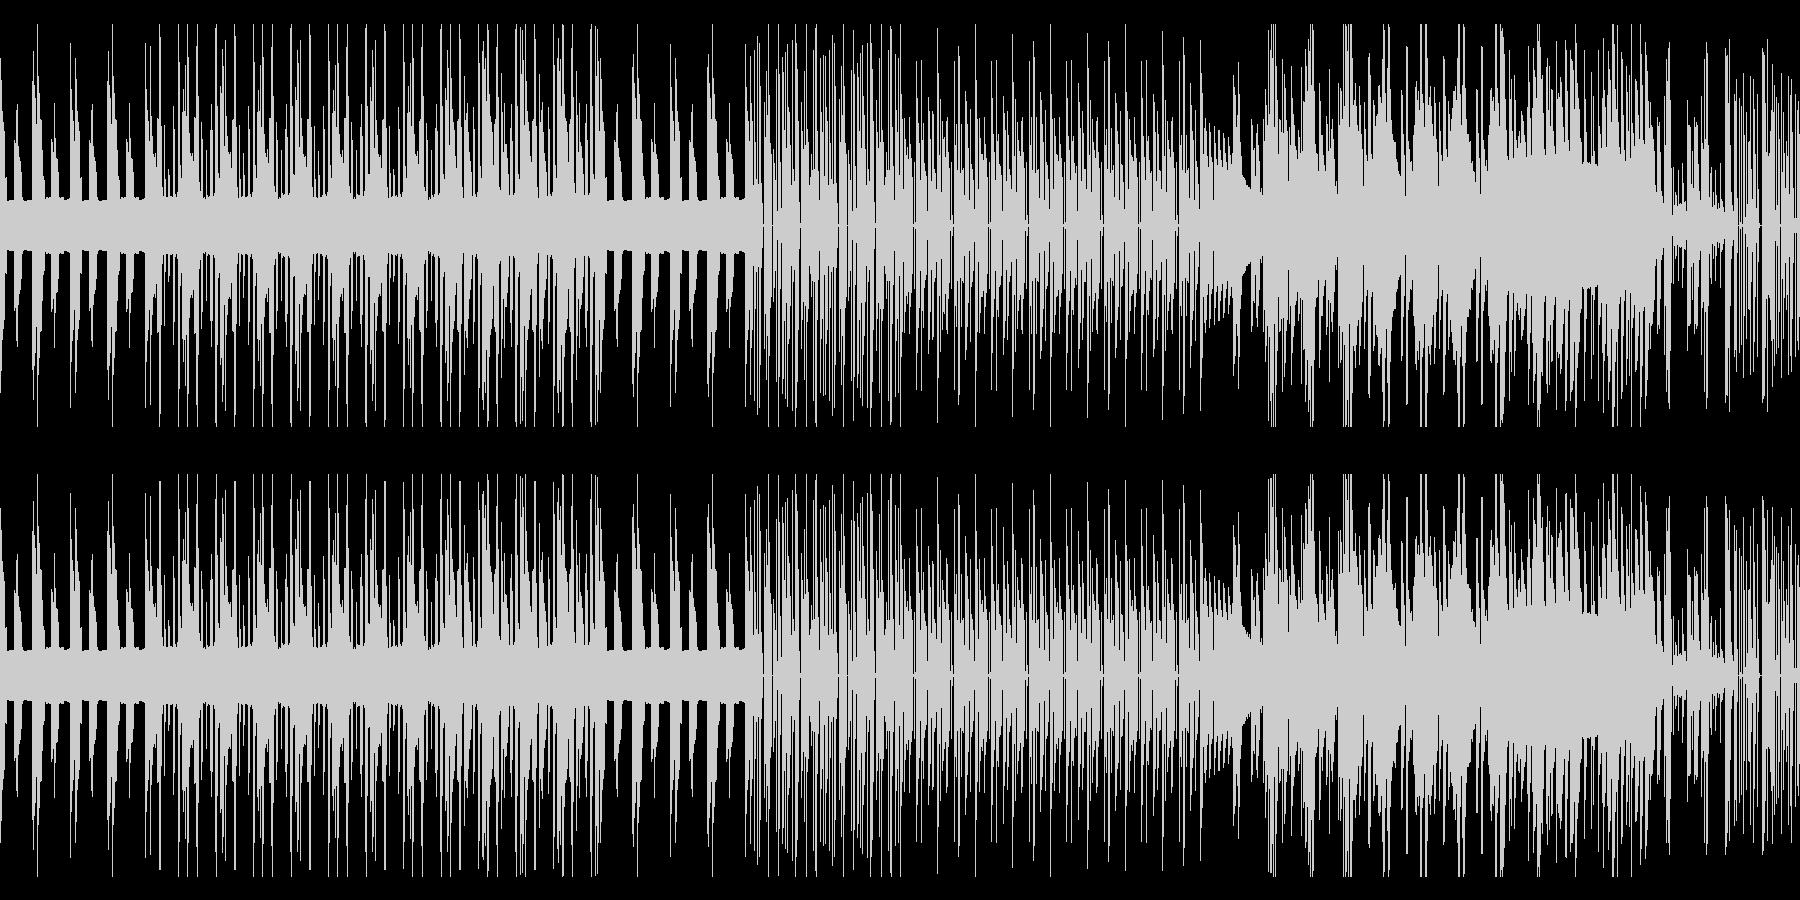 陰鬱な8ビットのループの未再生の波形